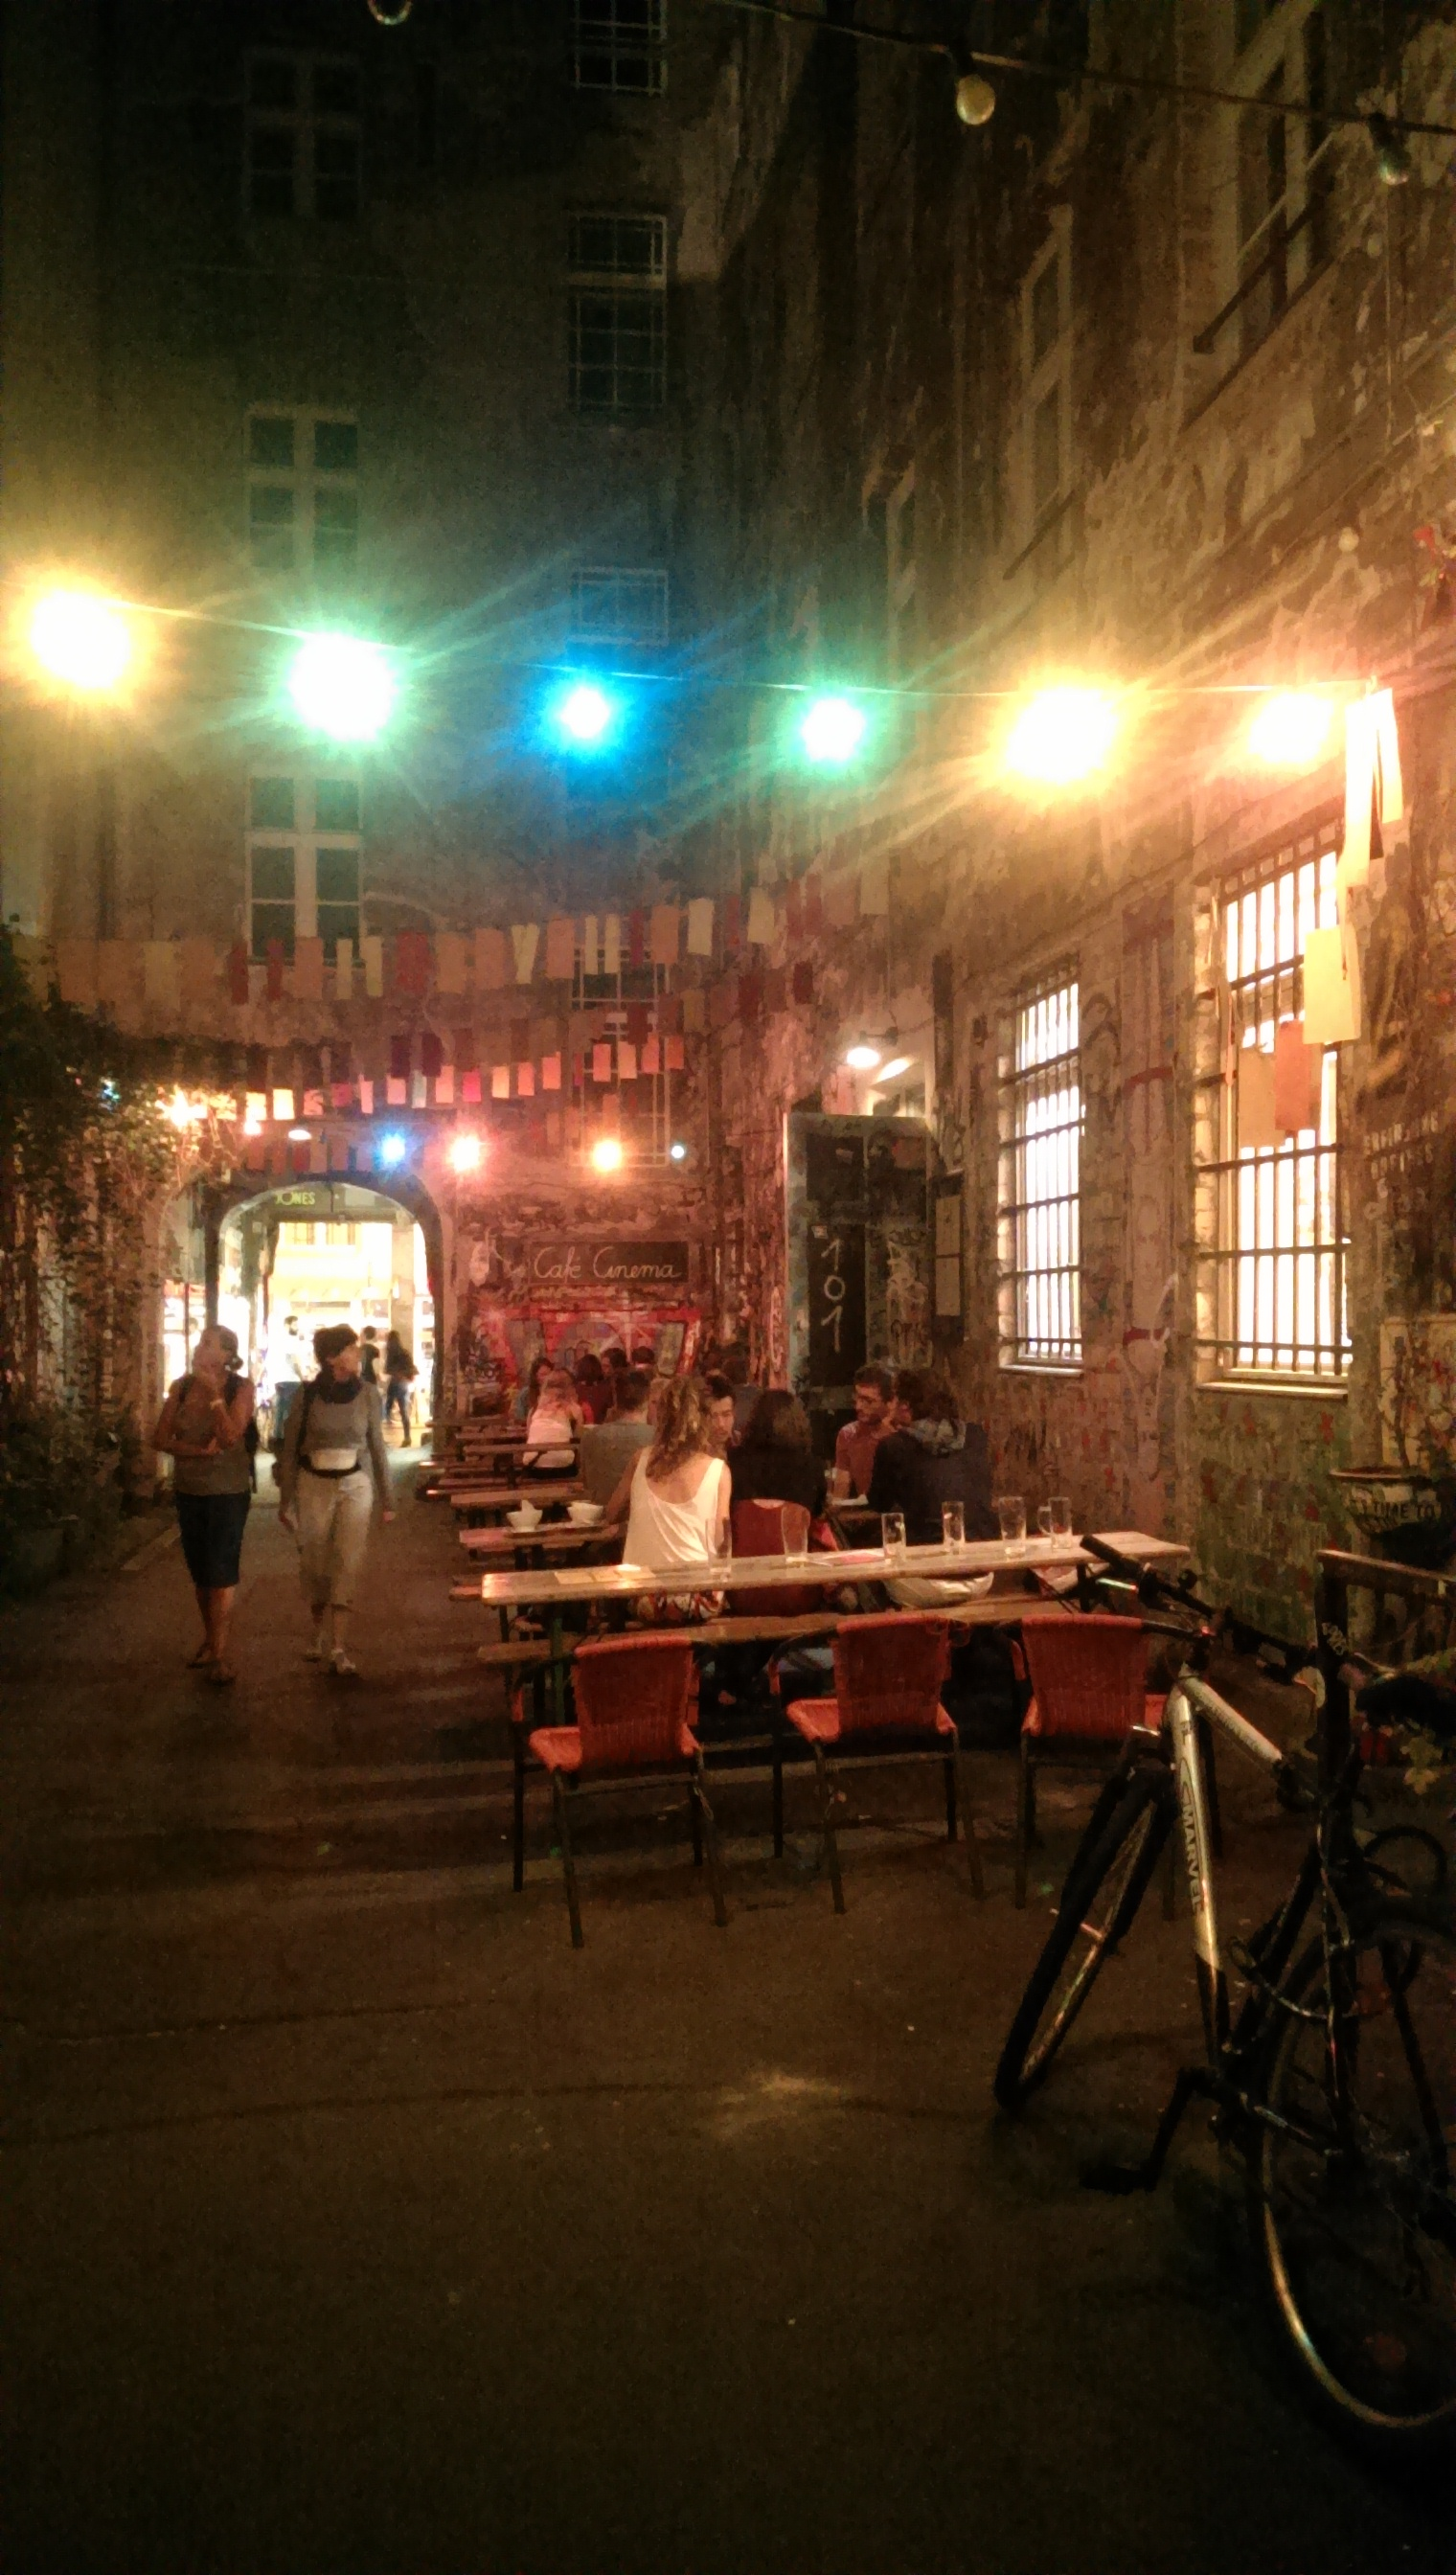 Cafe Cinema Hackescher Markt